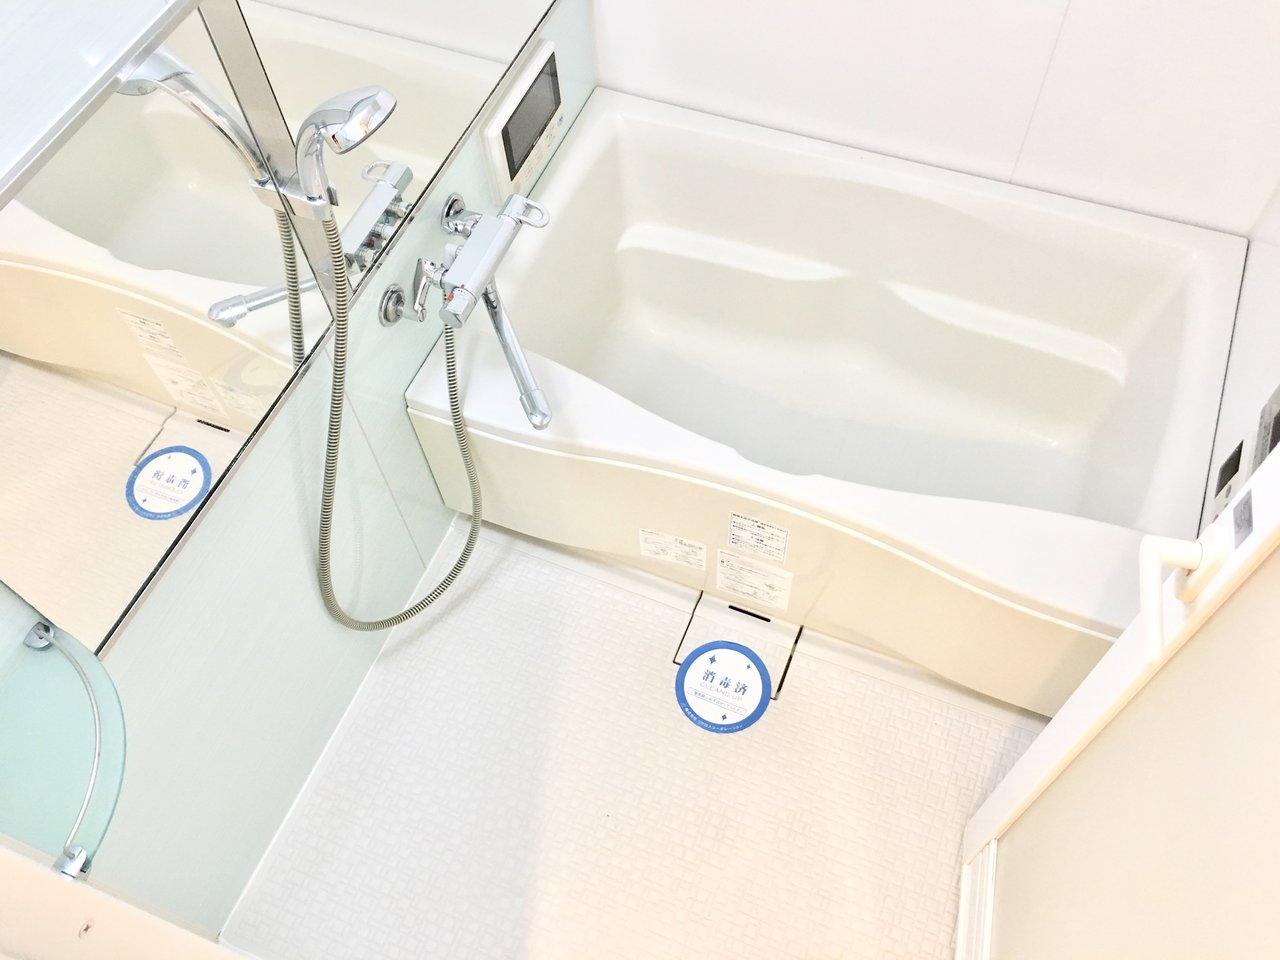 お風呂は、浴室乾燥機にミストサウナ付き。一週間お仕事をがんばった身体を、しっかり温めて疲れを癒してあげてくださいね。